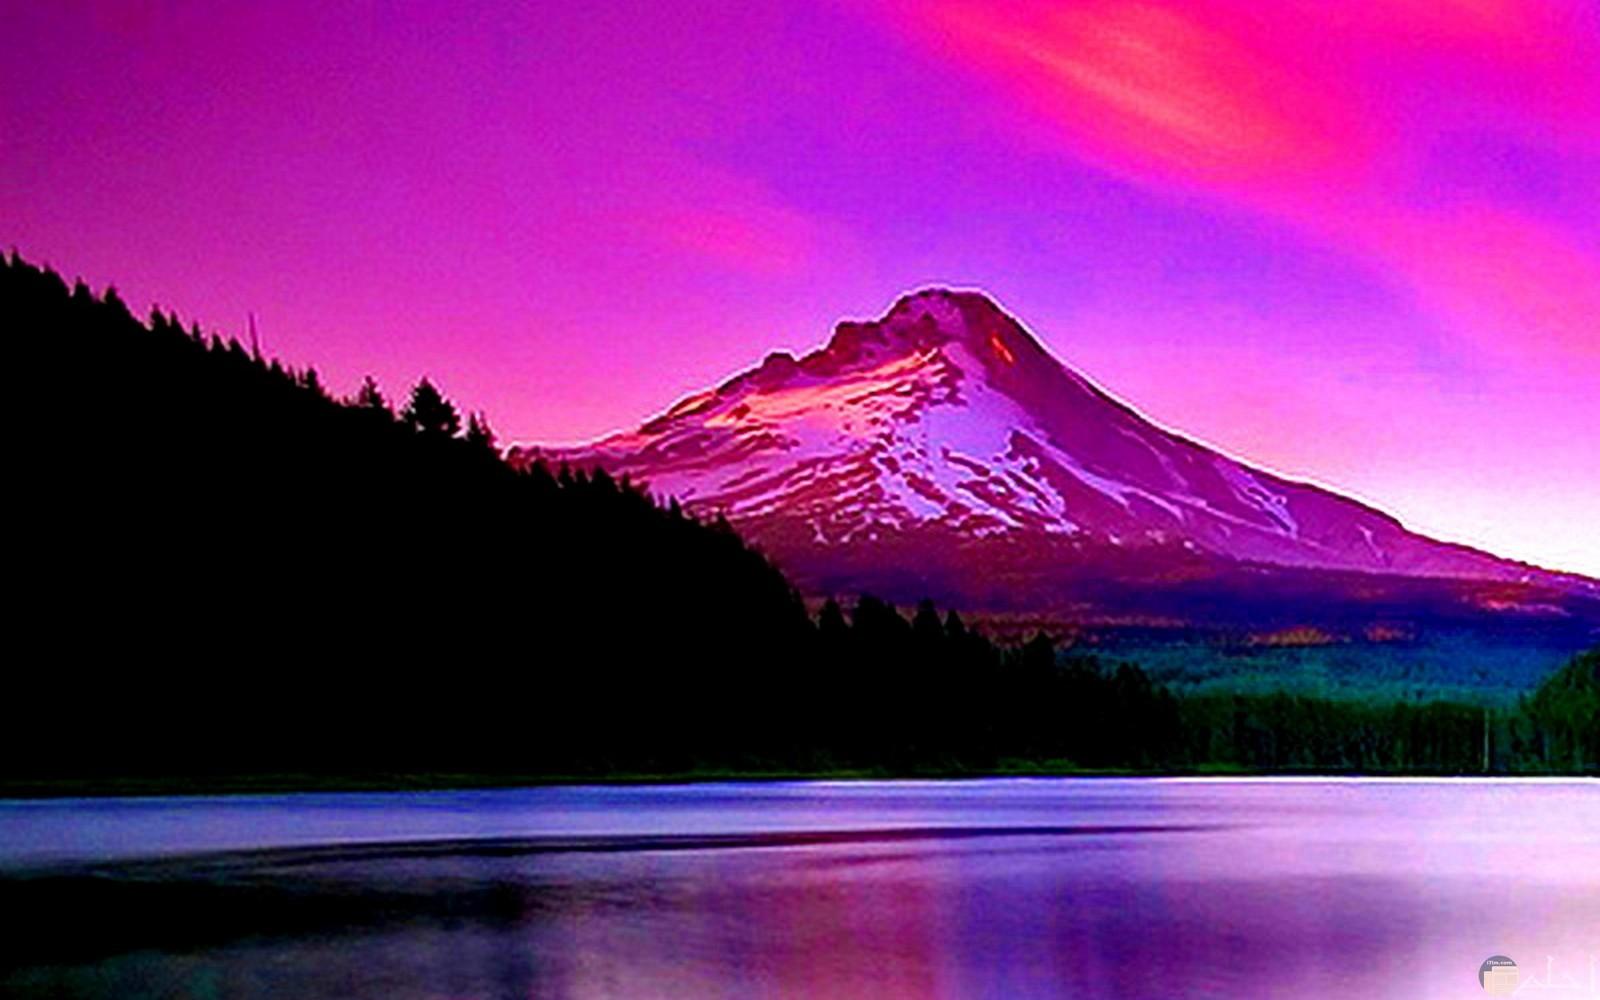 منظر الغروب من وراء الجبال بنفسجى اللون.